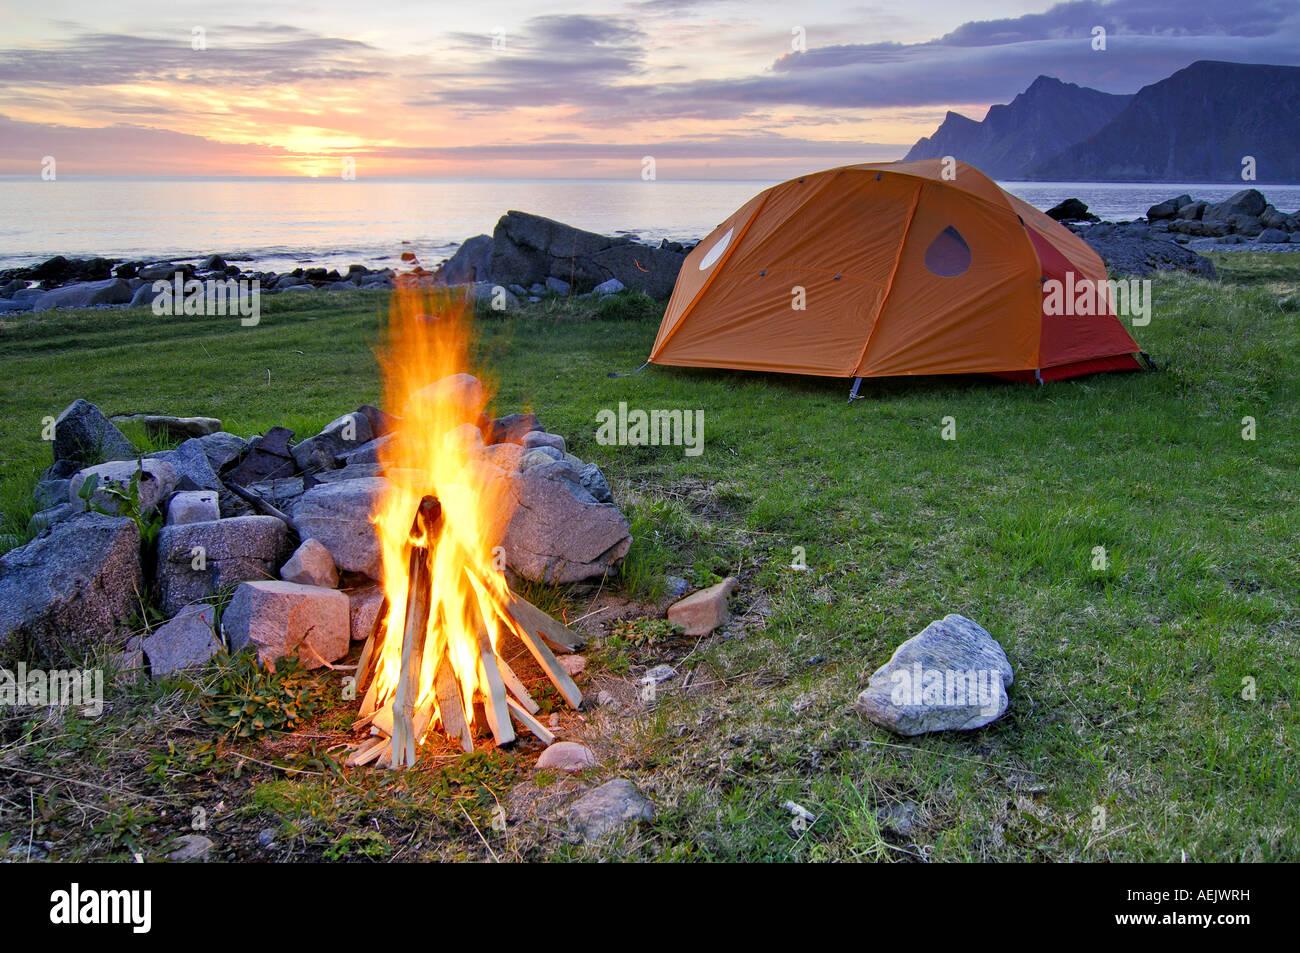 Campfire con tenda, il sole di mezzanotte, Austvagoy, Lofoten, Norvegia, Scandinavia, Europa Immagini Stock